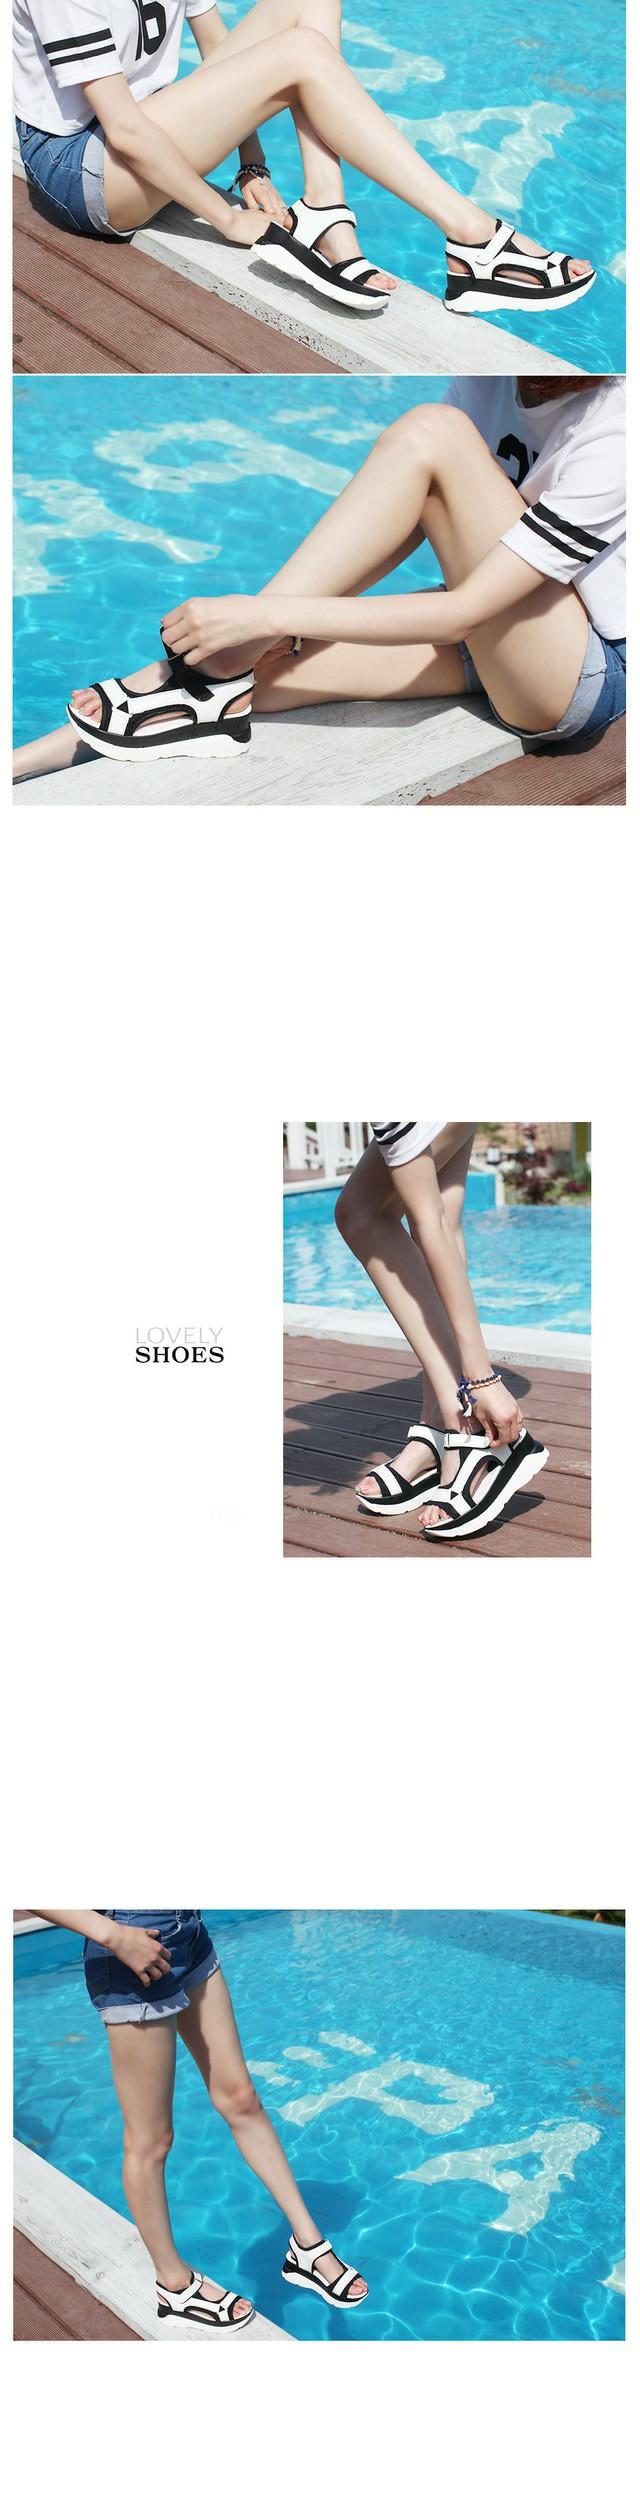 Rudo strap sandals 5.5cm